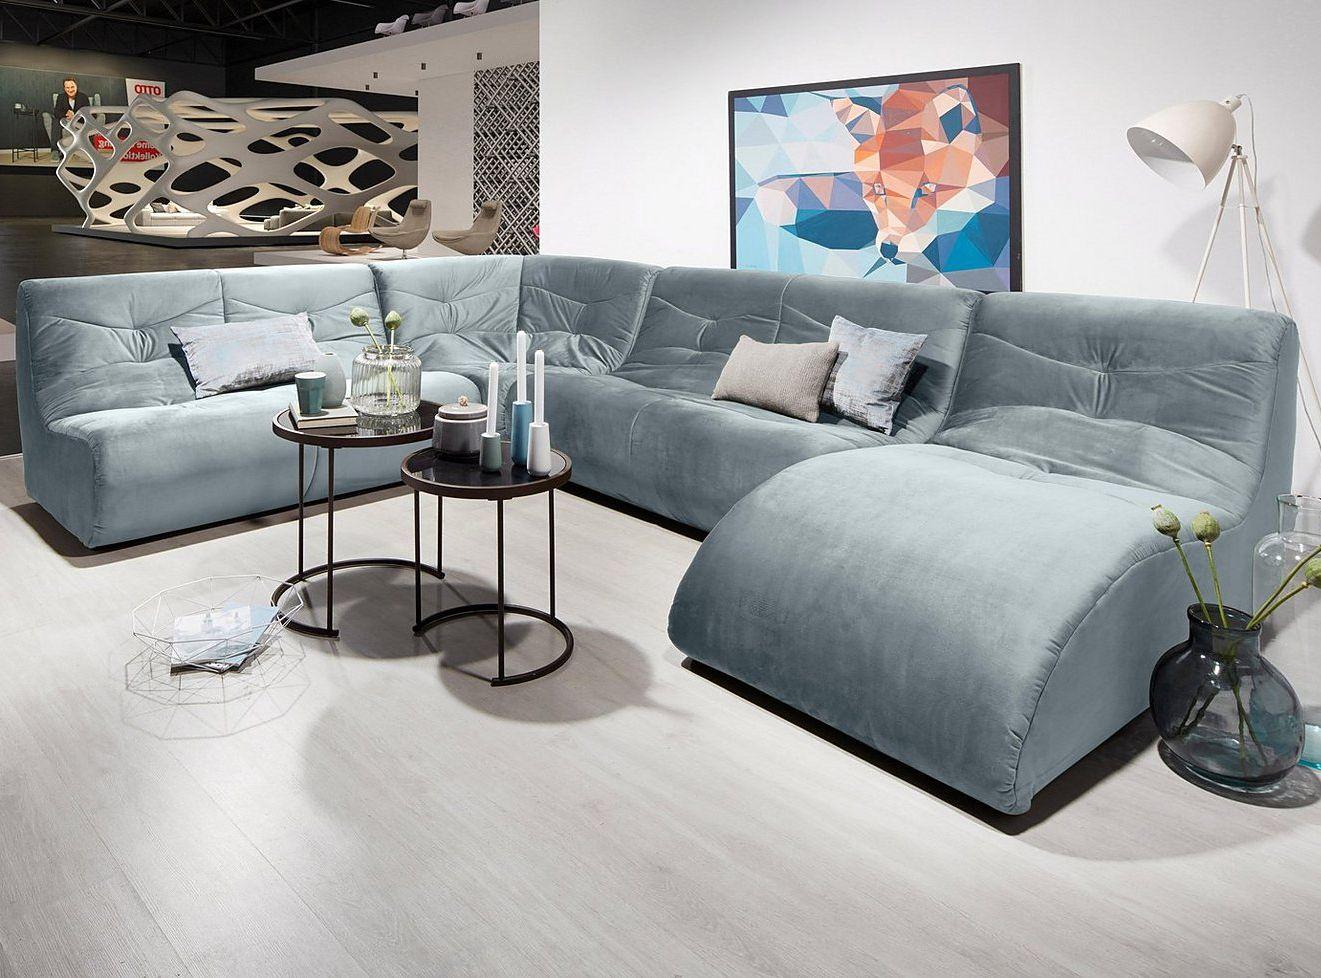 Domo Collection Wohnlandschaft Wohntrend Samt Sofa Interior